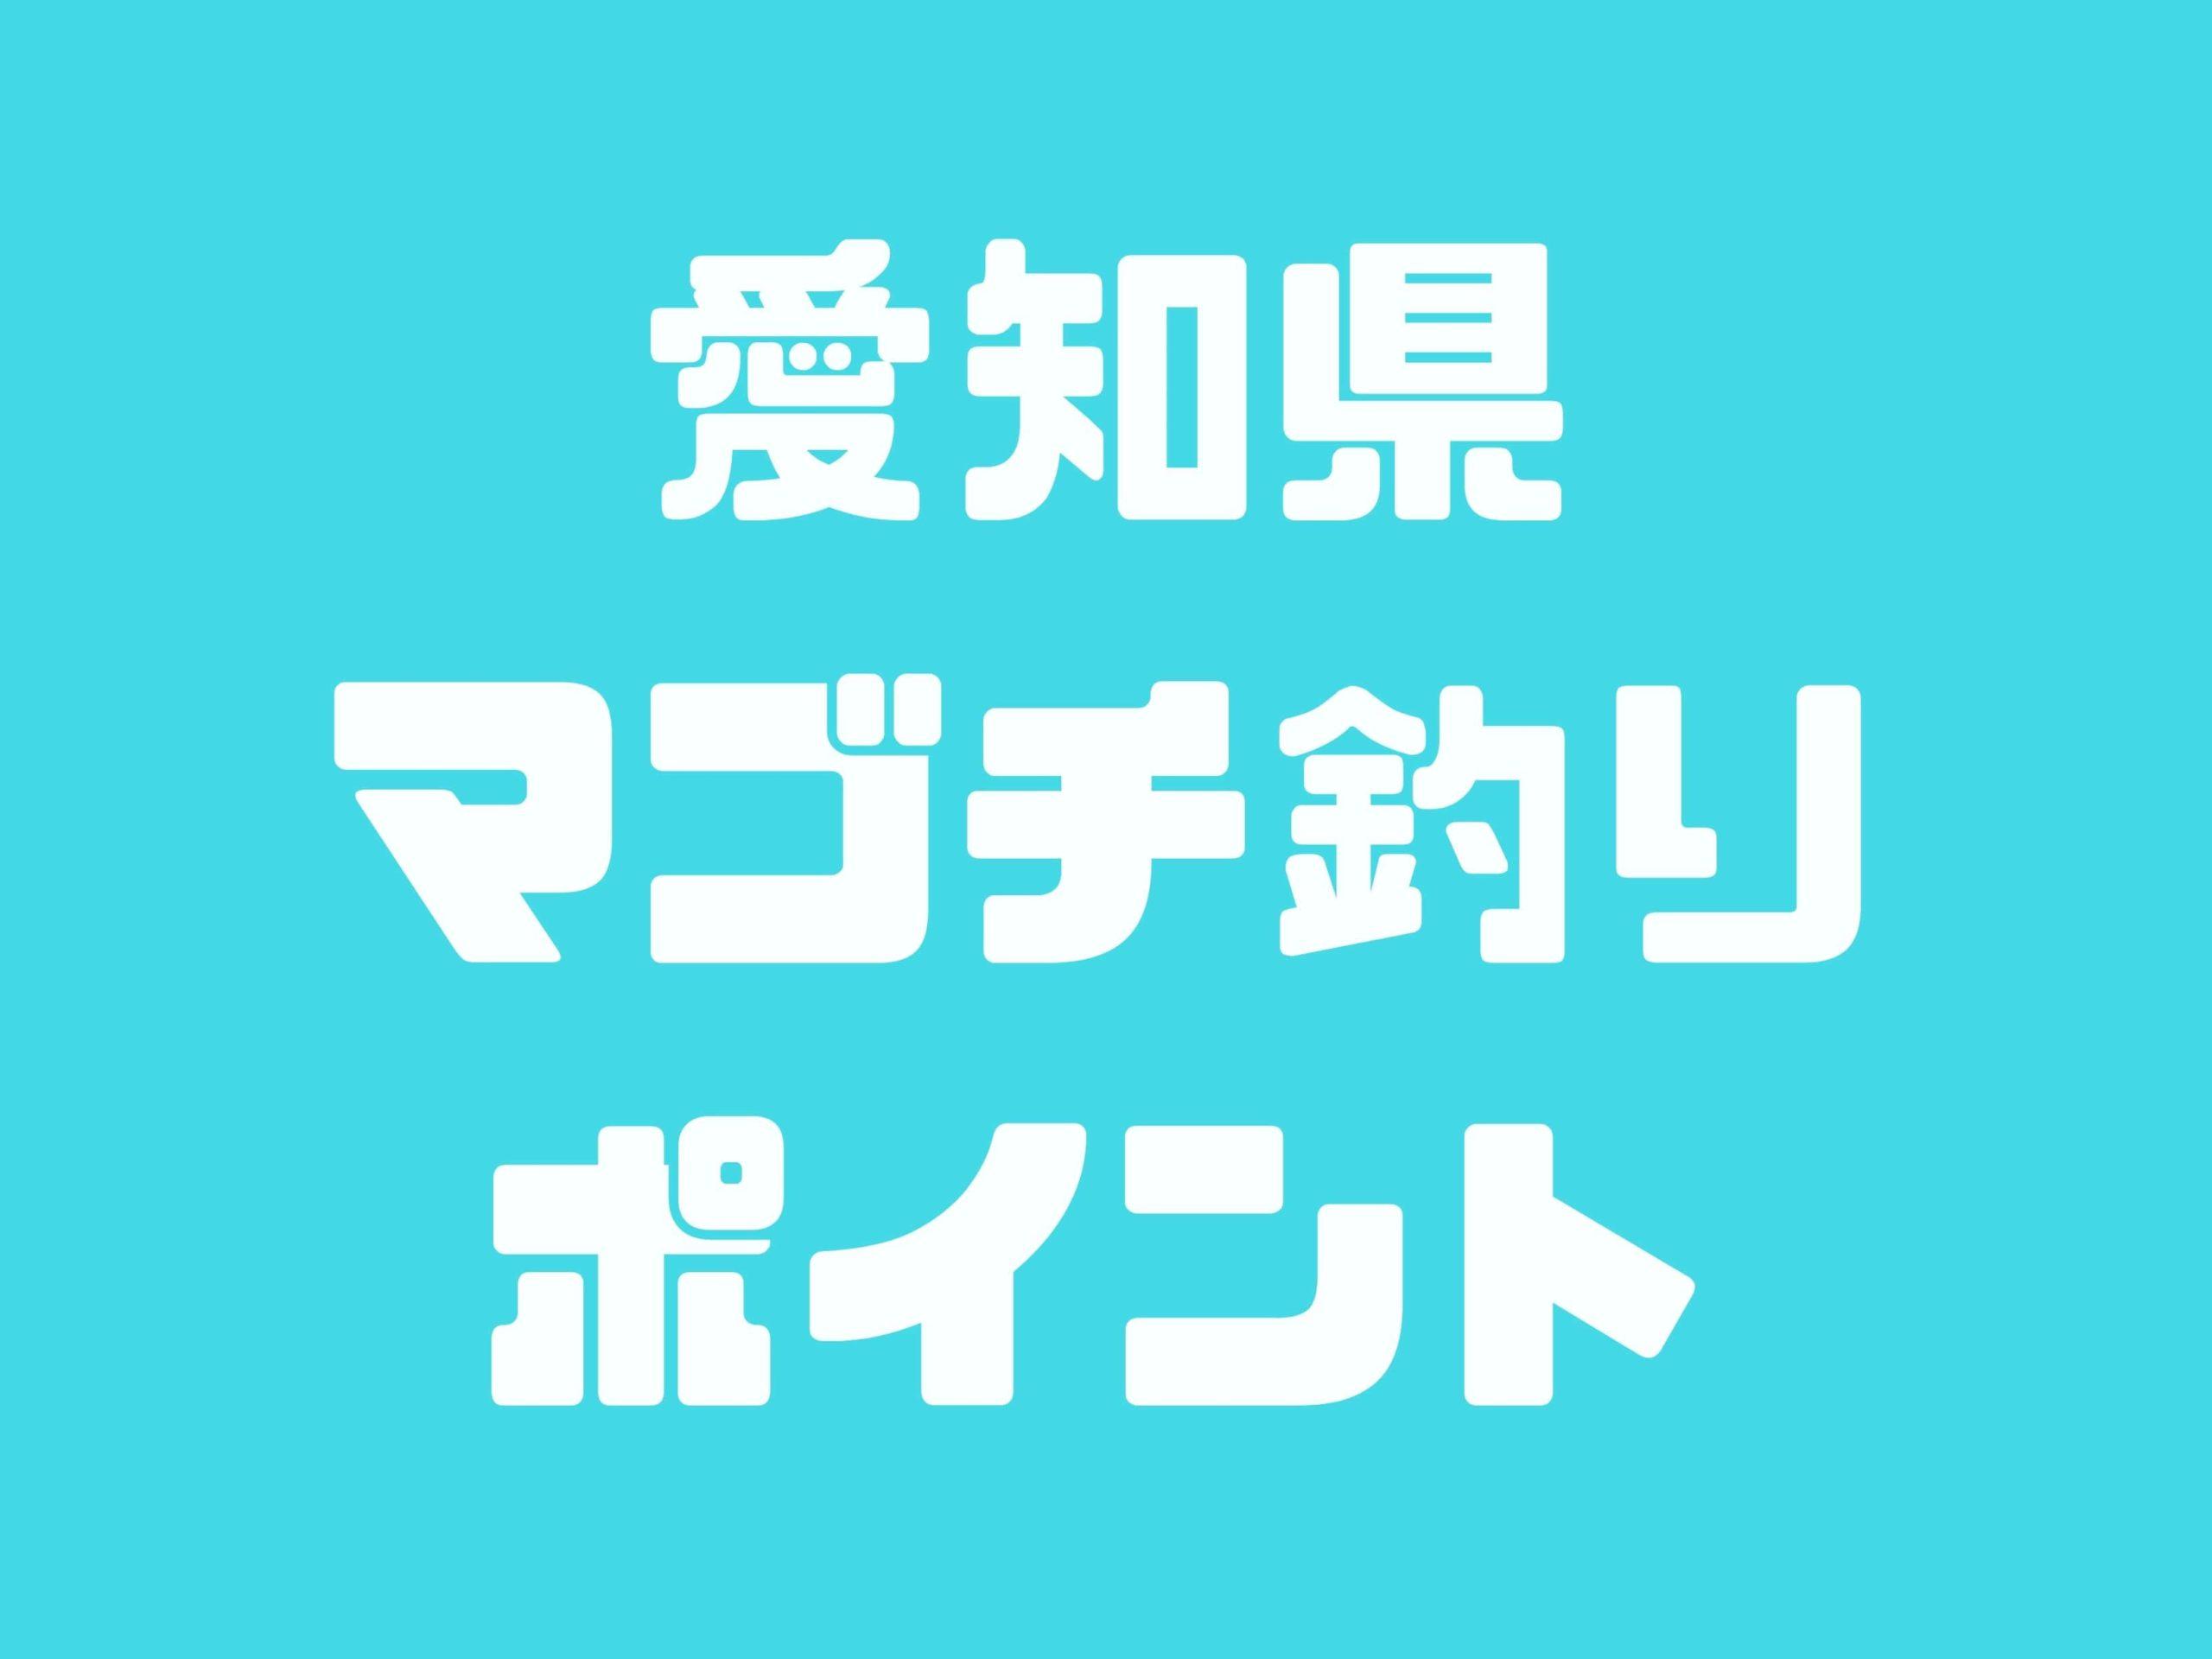 愛知県マゴチ釣りポイント「新舞子マリンパーク」「りんくう釣り護岸」「冨具崎港」「内海新港」「河和港」